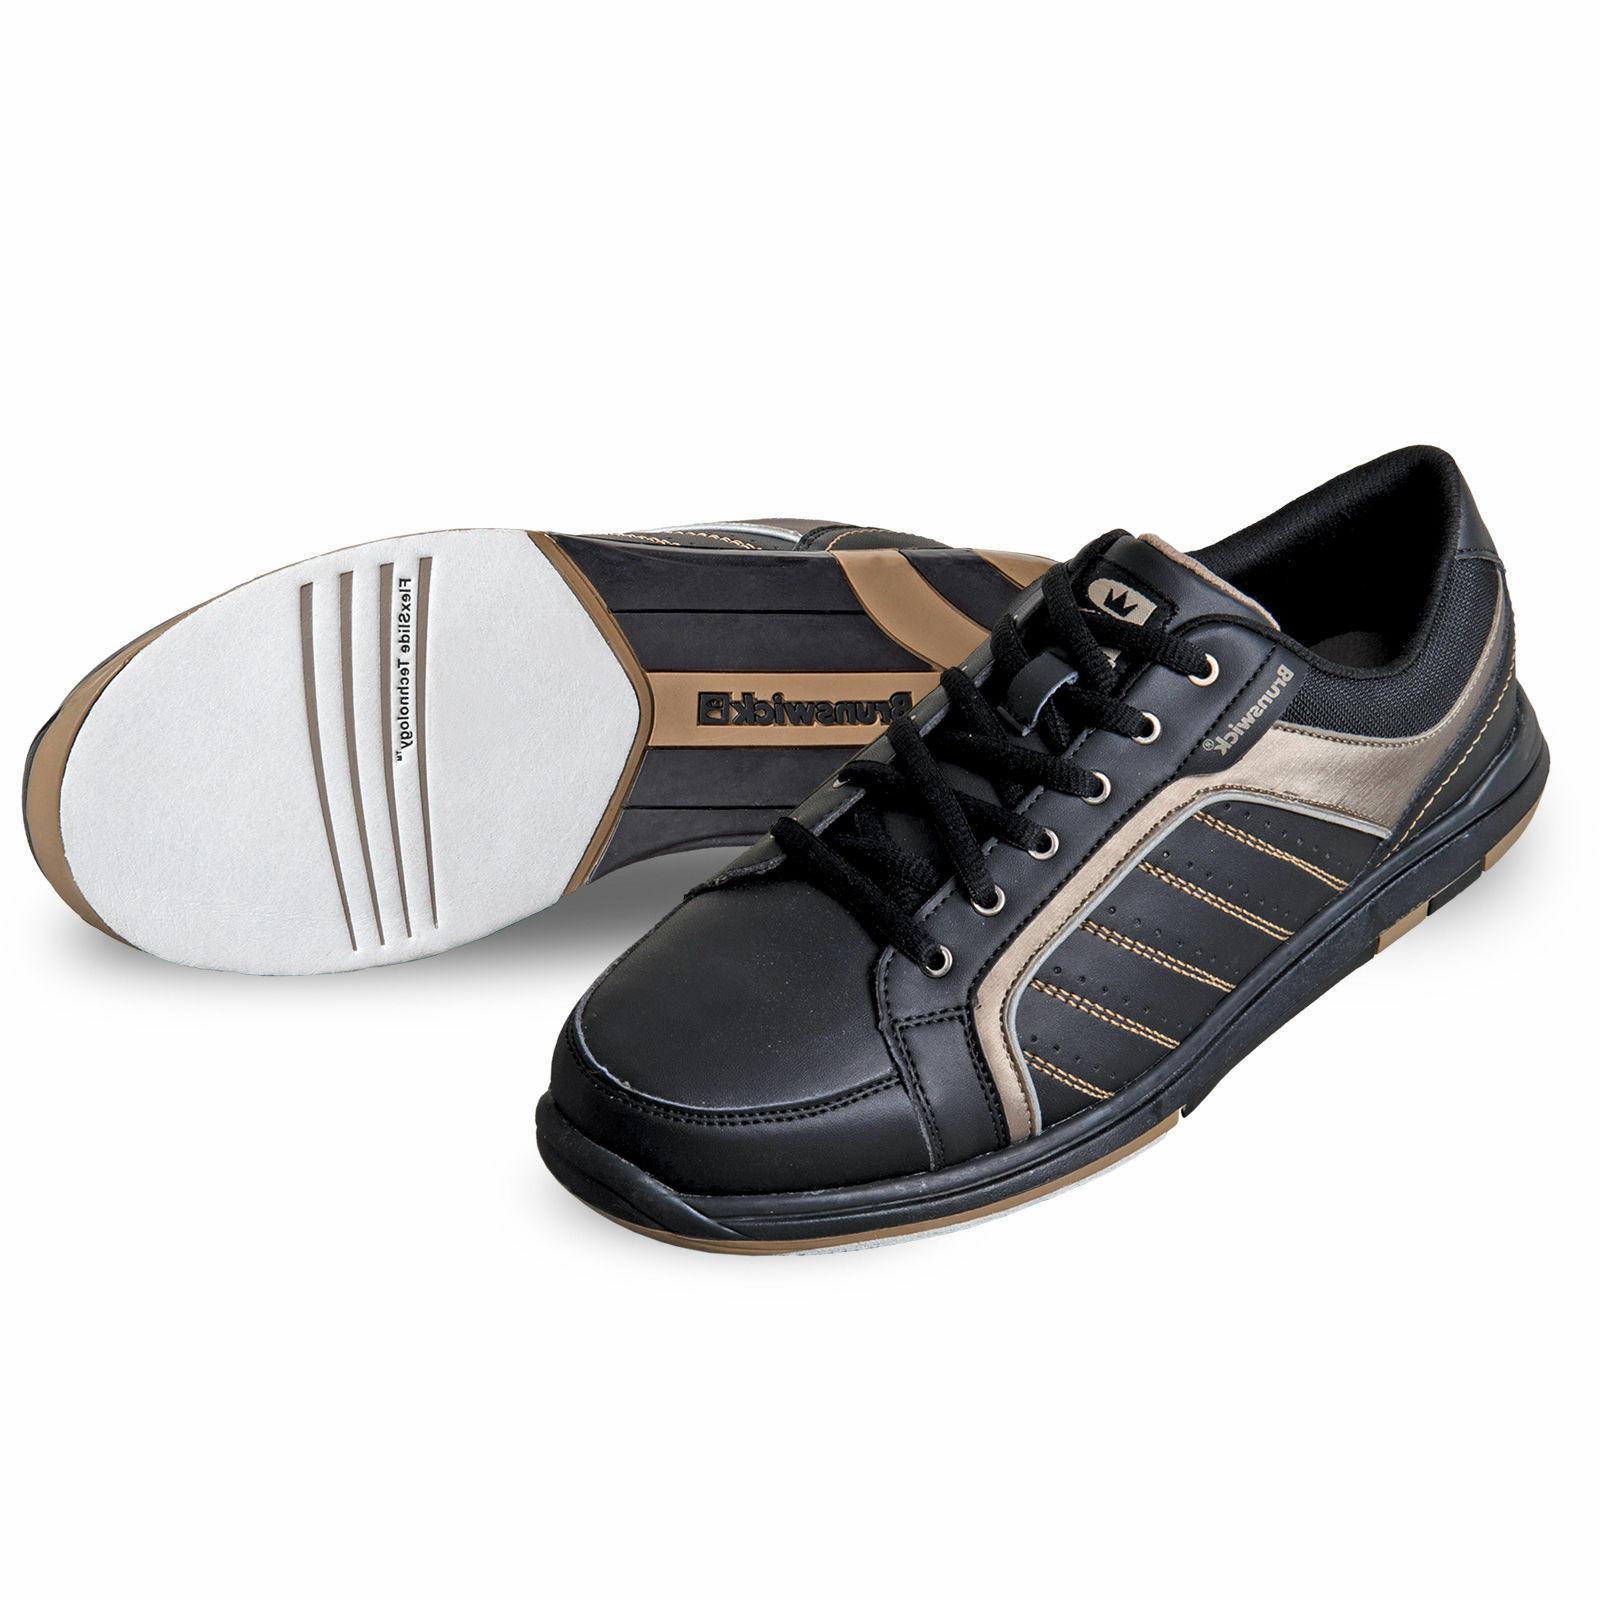 mens captain black gold bowling shoes sizes